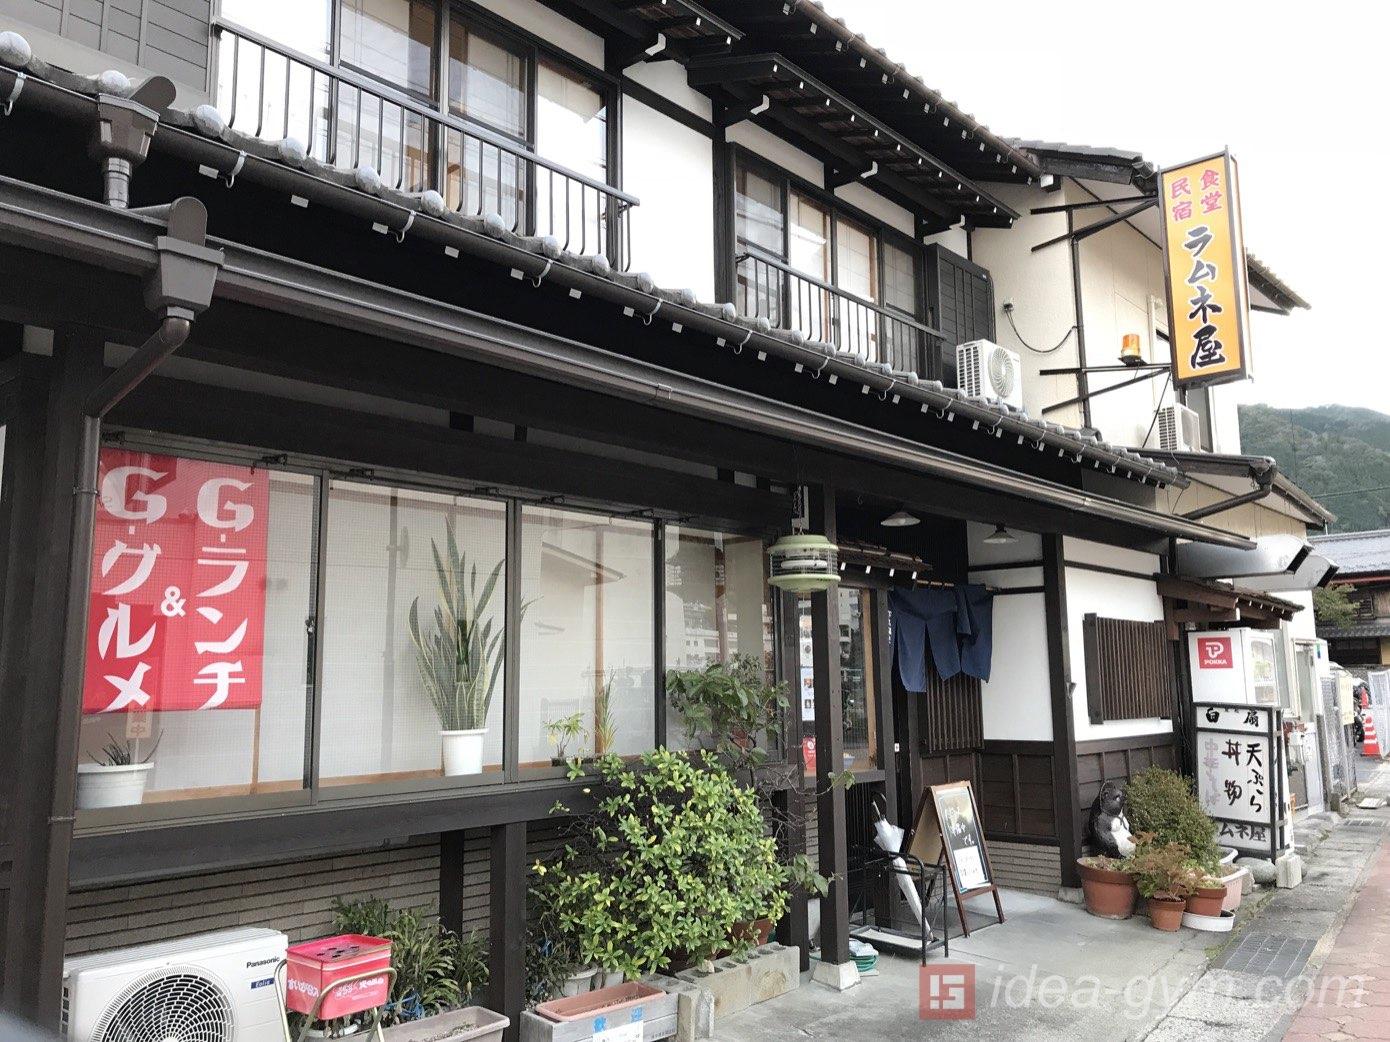 下呂温泉の食堂・民宿ラムネ屋が自転車旅行にぴったりな宿でおすすめ